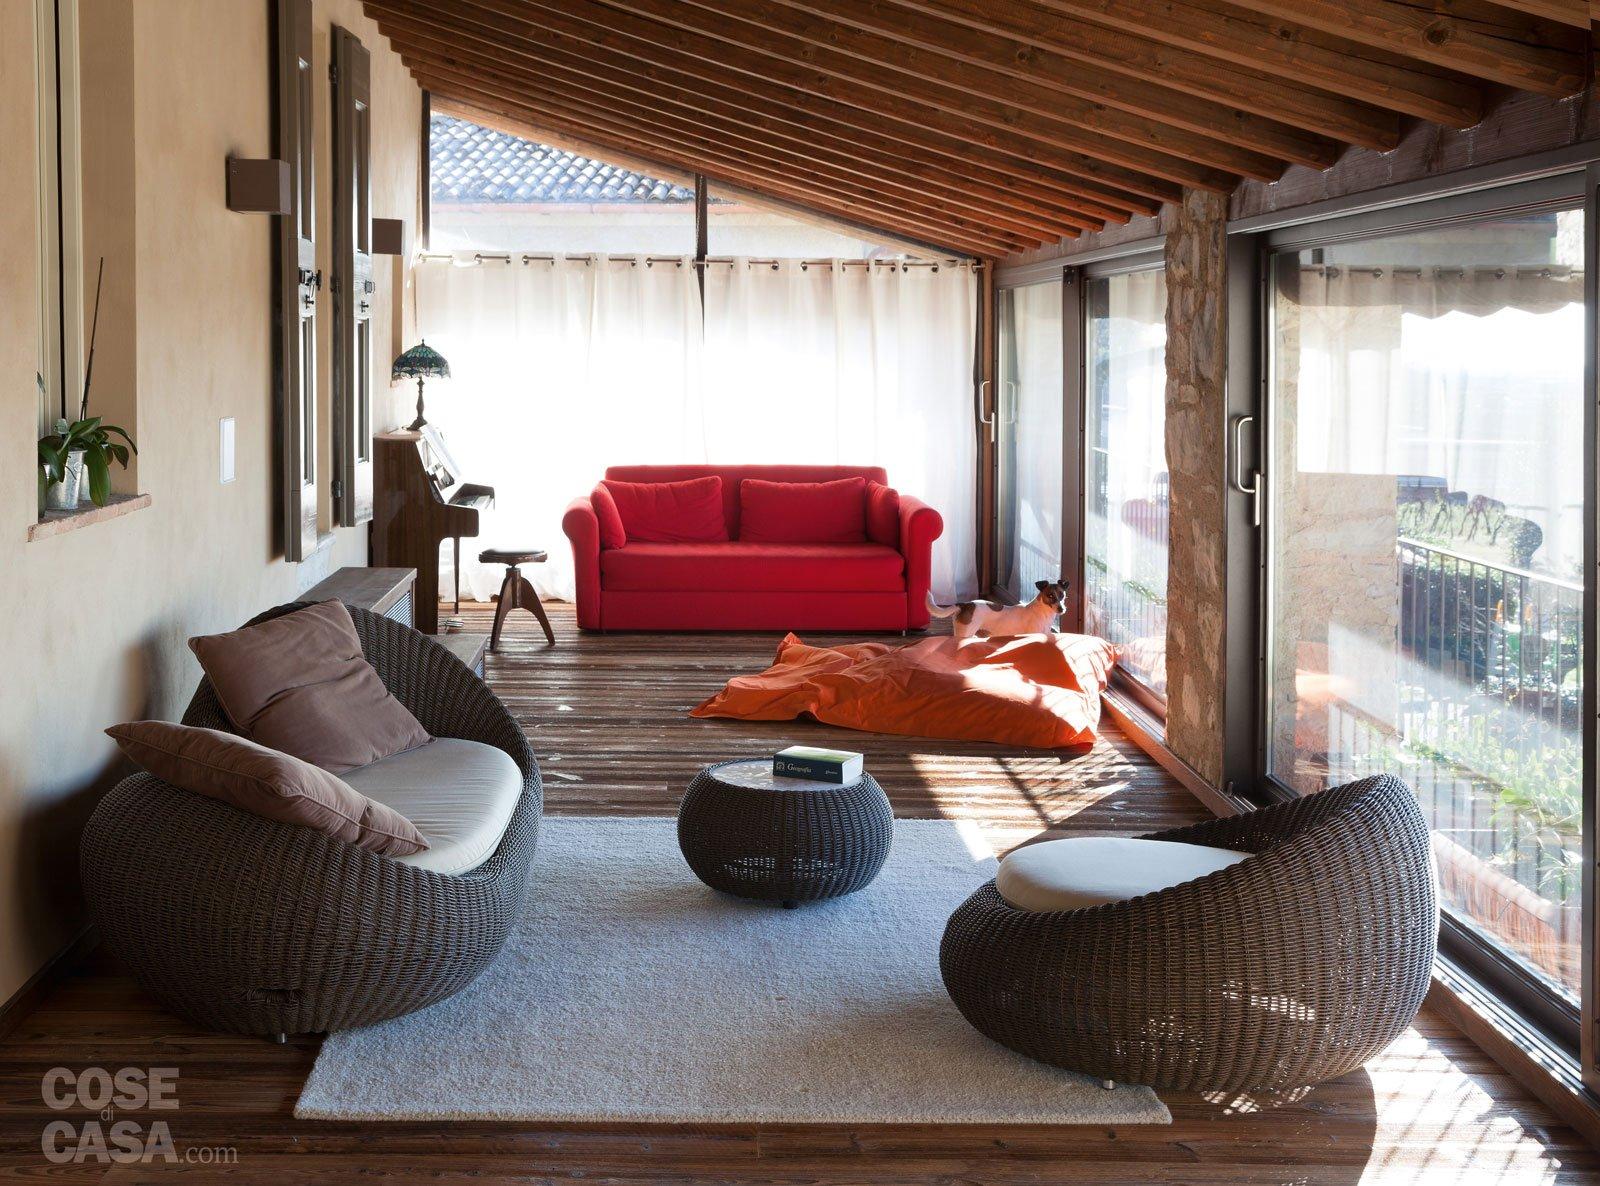 Una casa con ambienti moderni a sfondo rustico cose di casa for Ambienti interni moderni